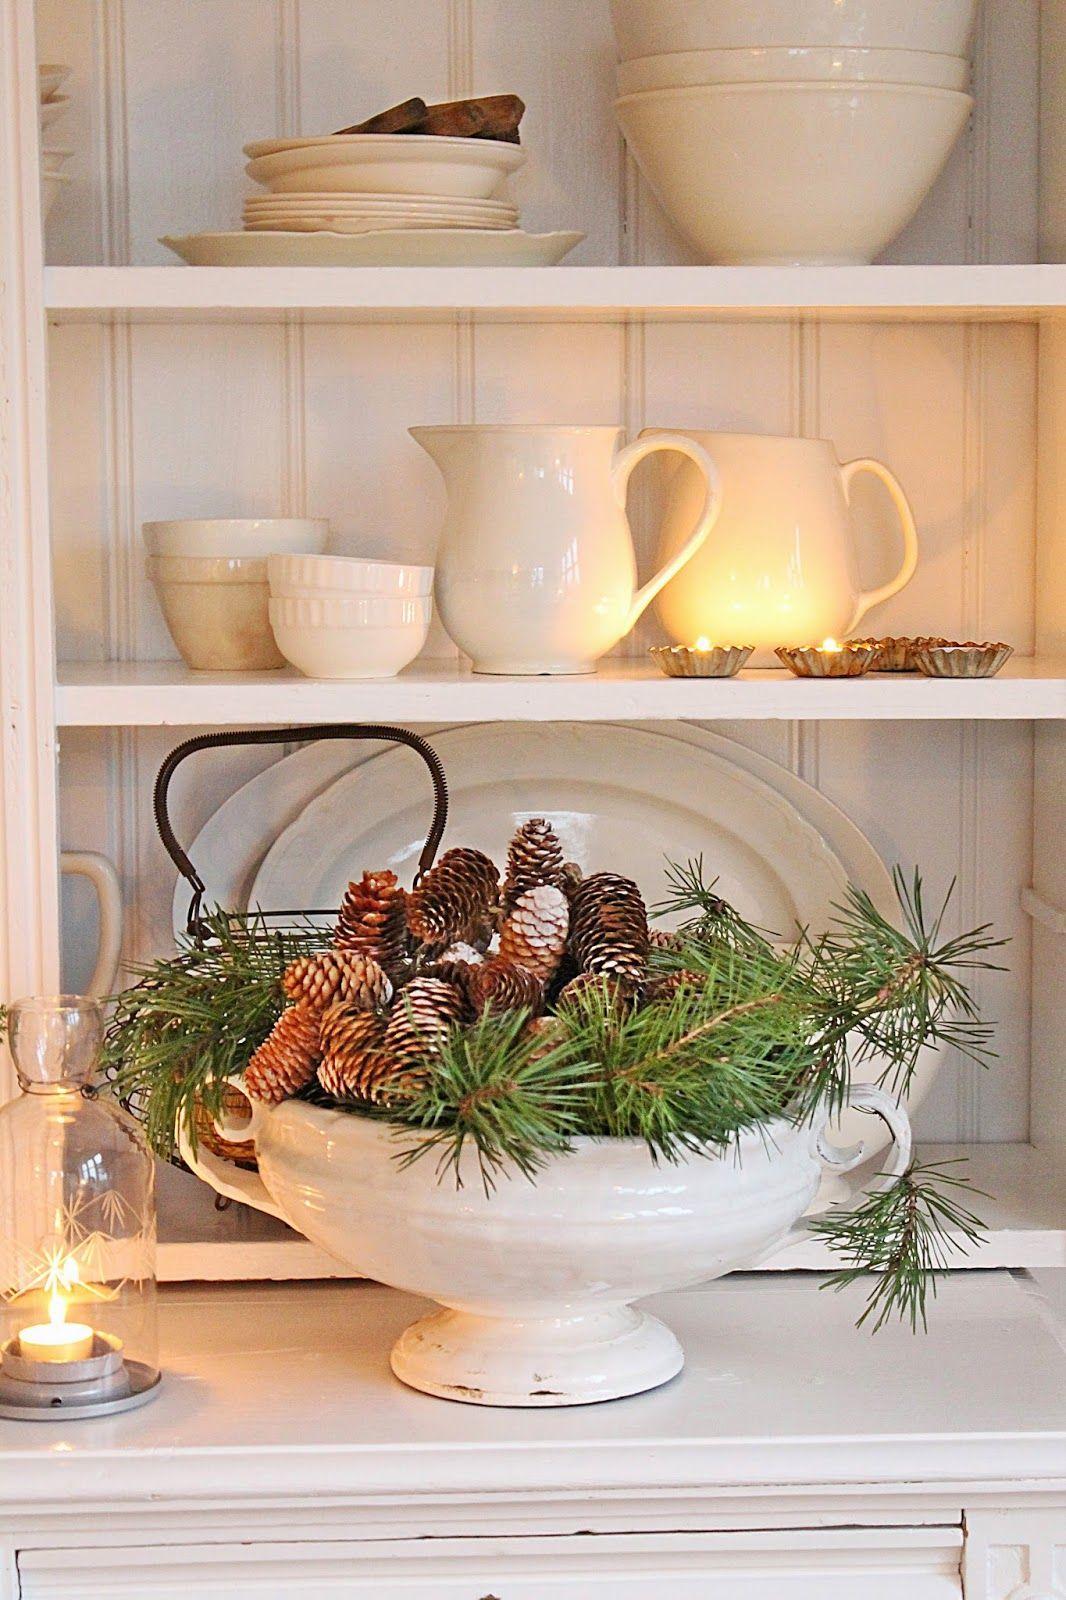 Ja det er nesten bare å beklage altså.....men snart klarer jeg ikke å vente lengere med å bringe jula inn i hus :) Jeg klarte bare ikk...